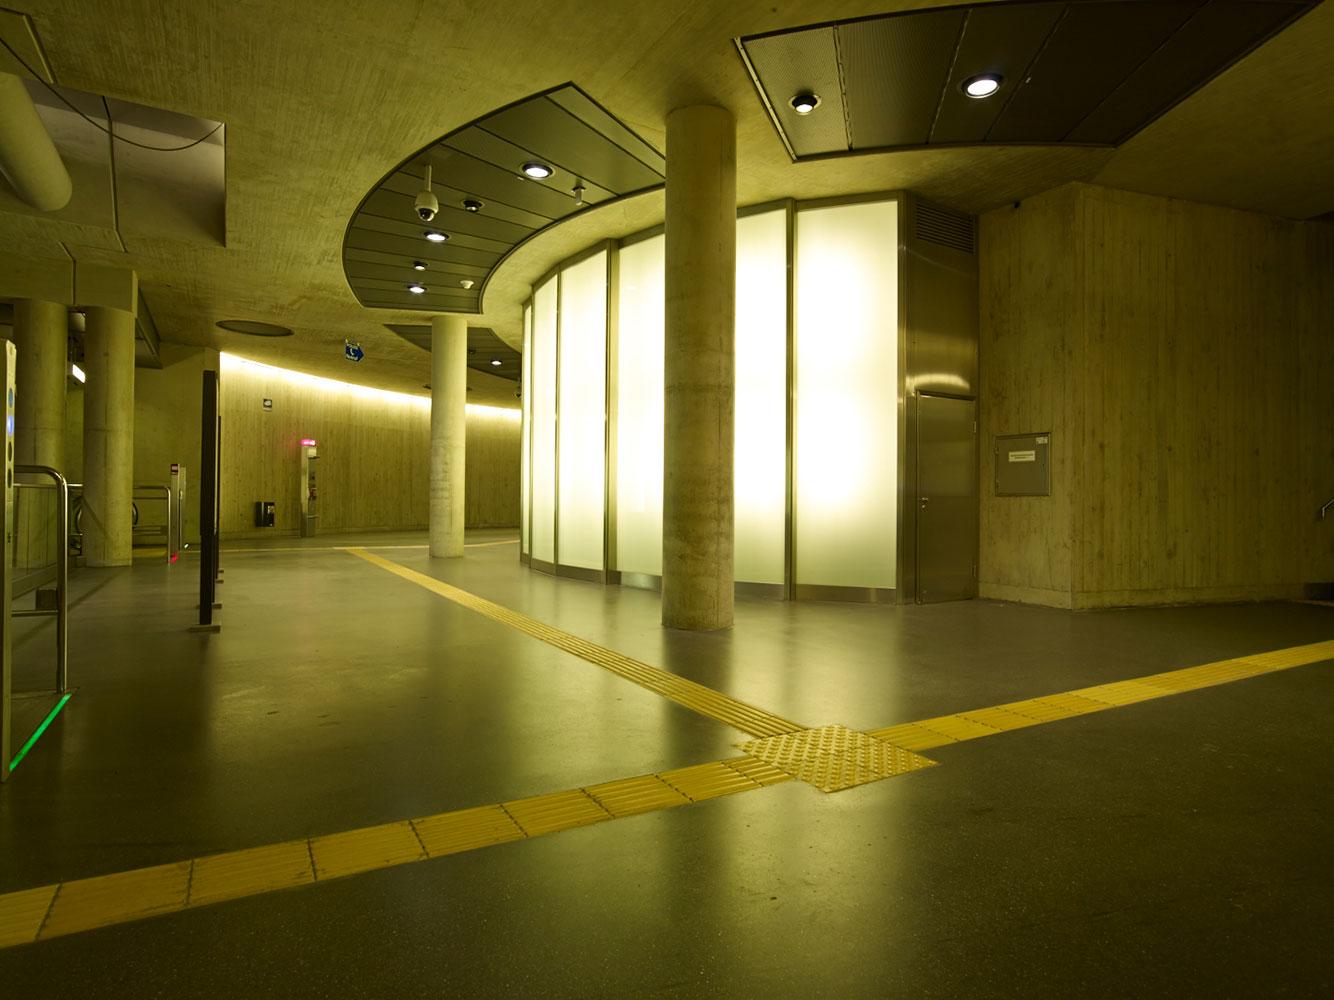 Lampeninstallation in der U-Bahn Haltestelle Heumarkt Köln